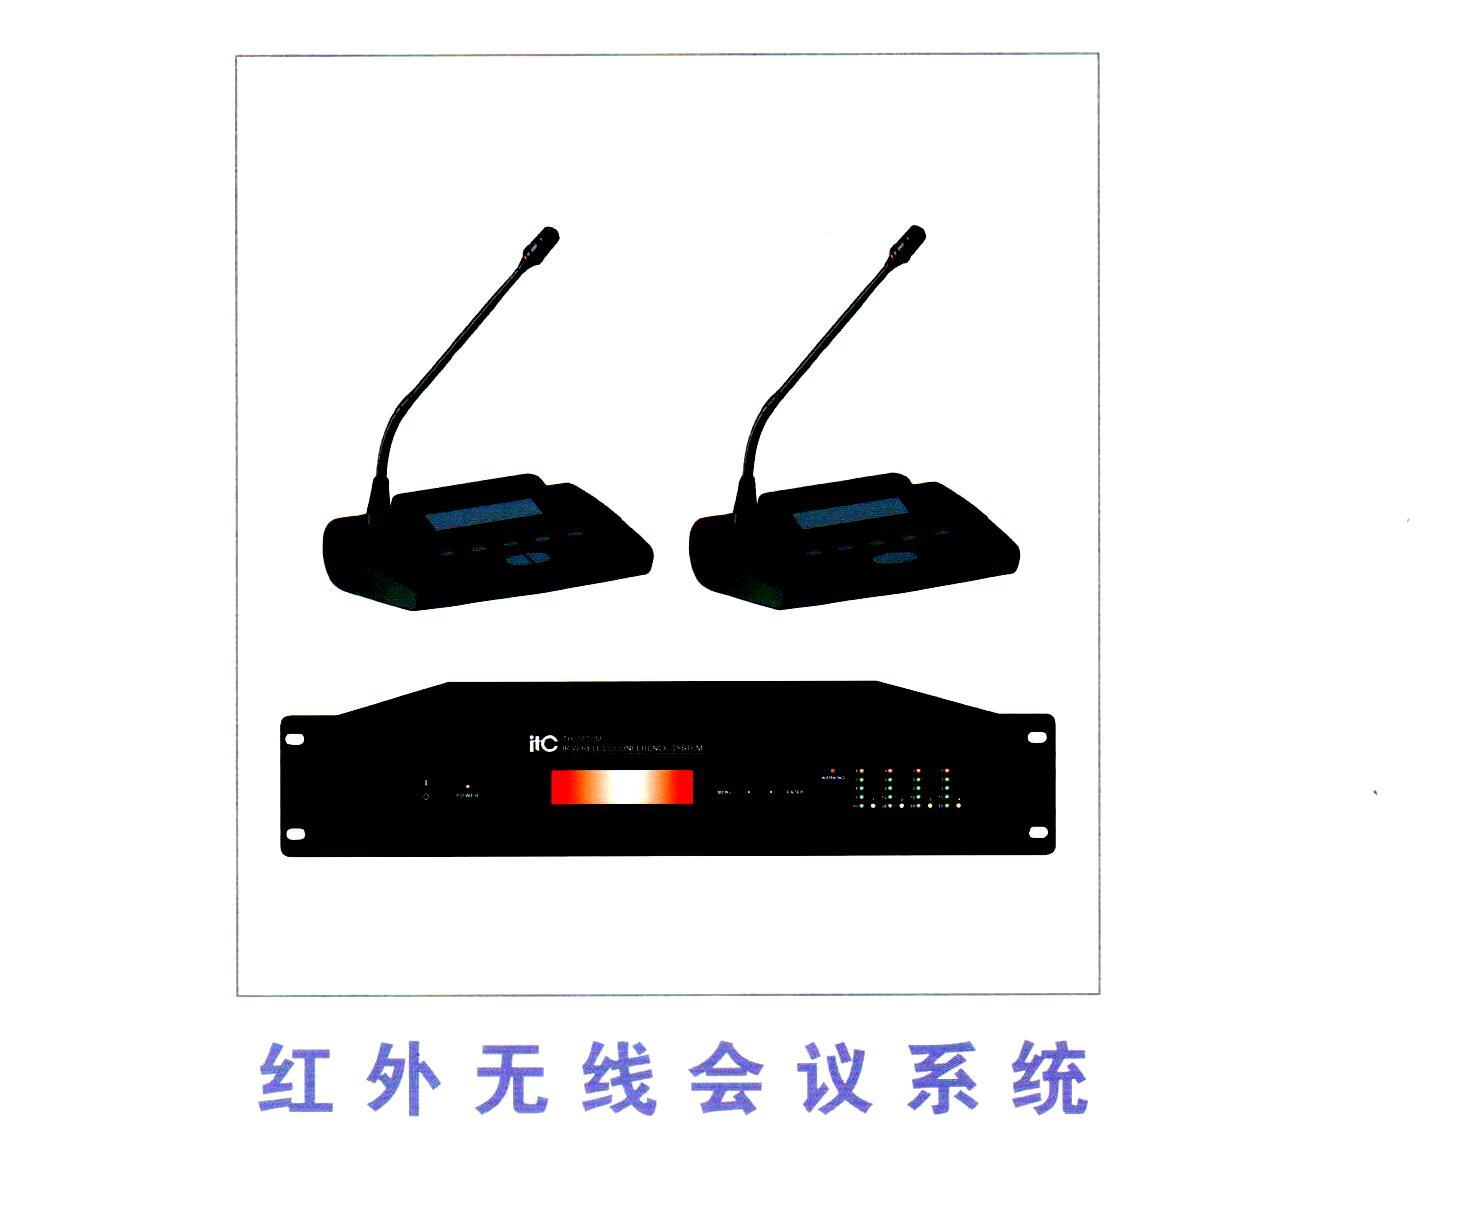 红外无线会议系统-1.jpg